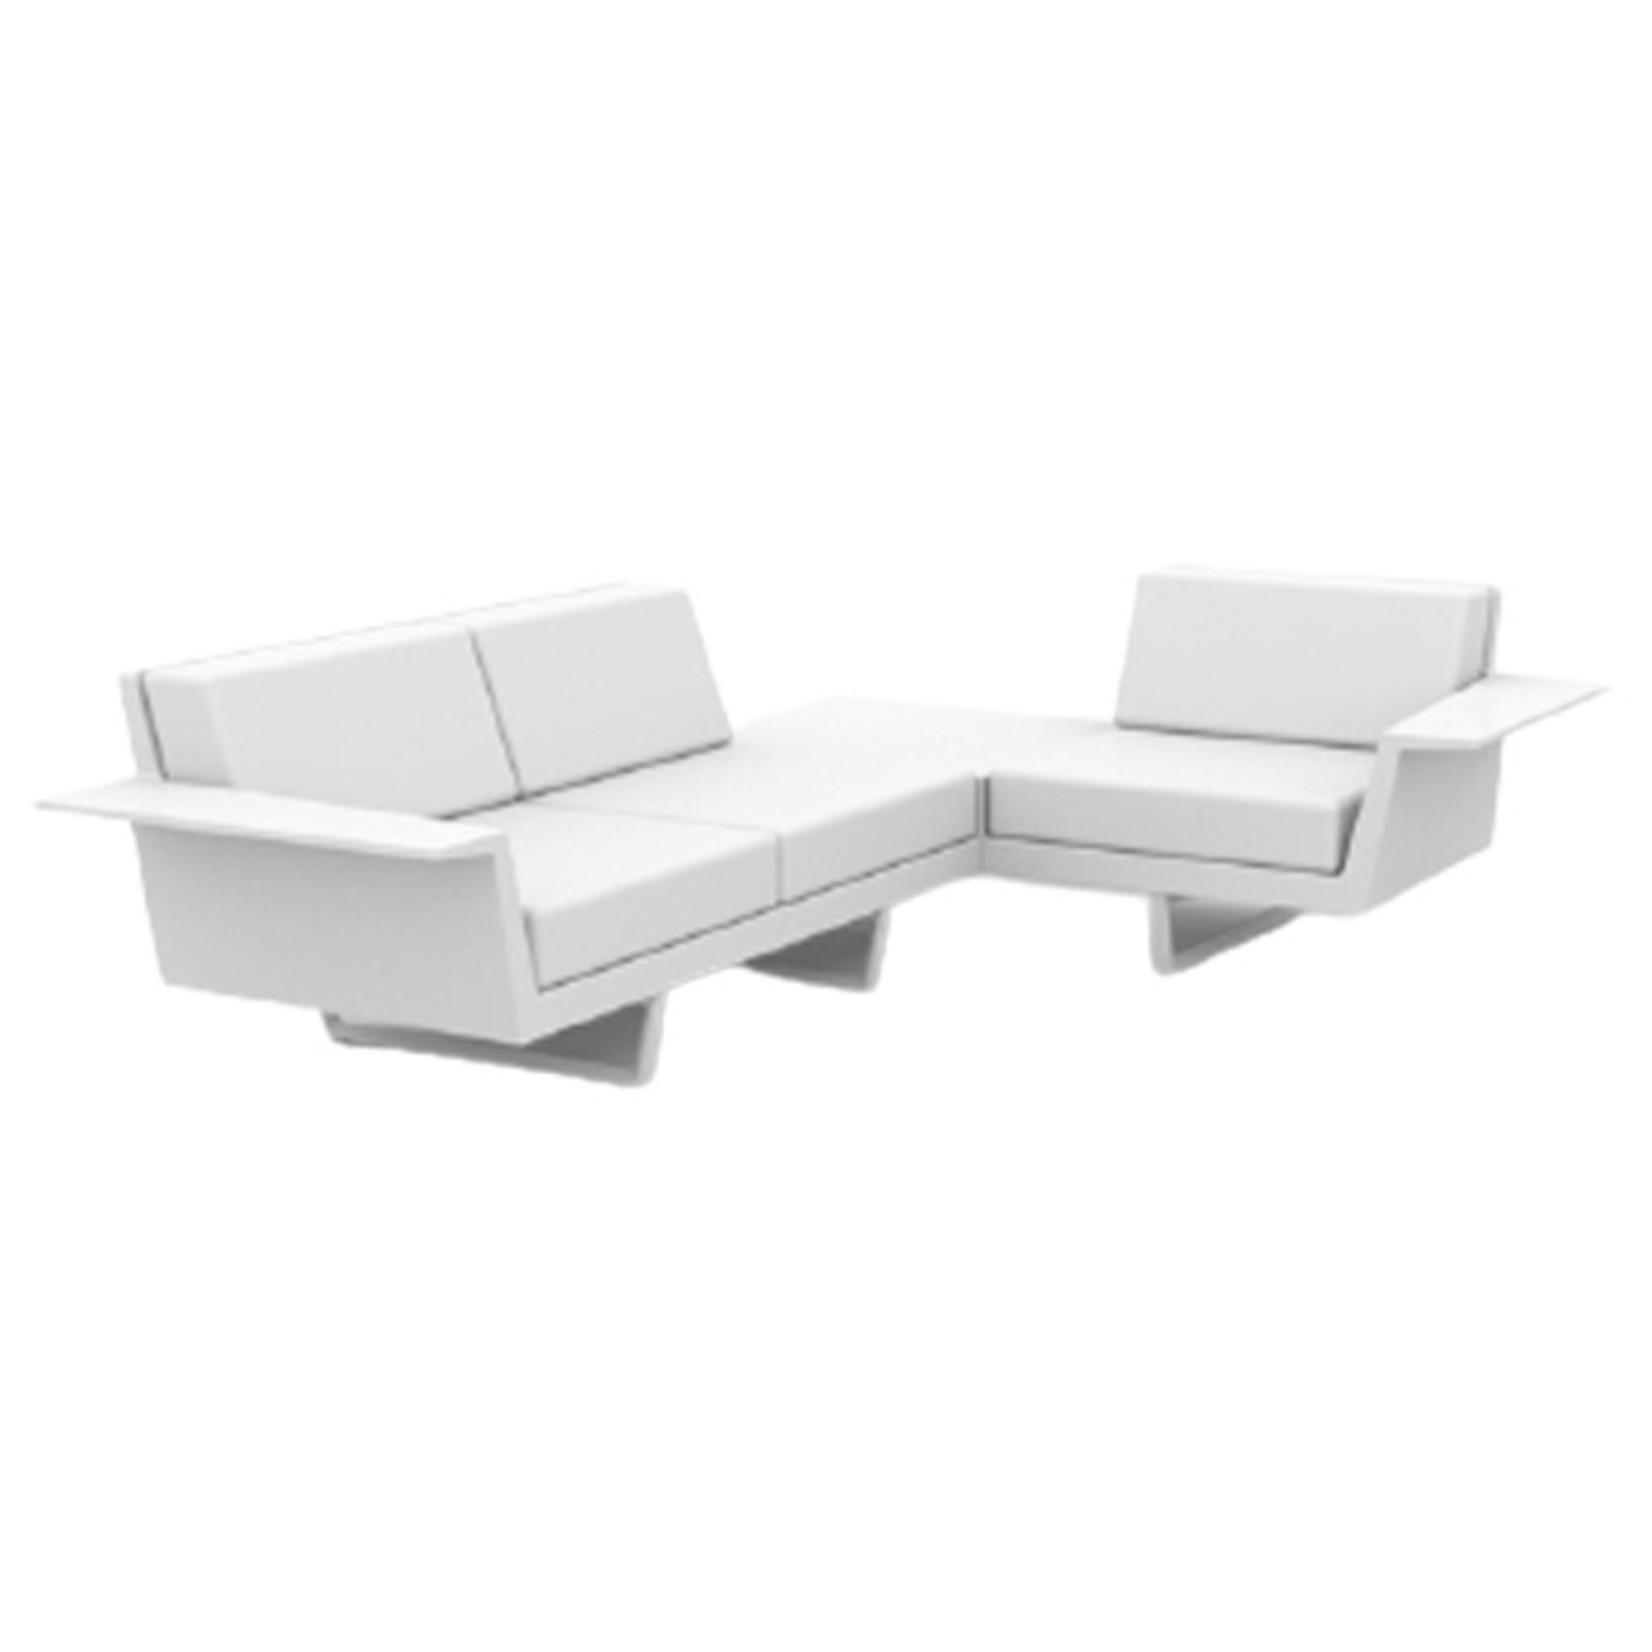 Vondom DELTA Corner Sofa 3 seat left